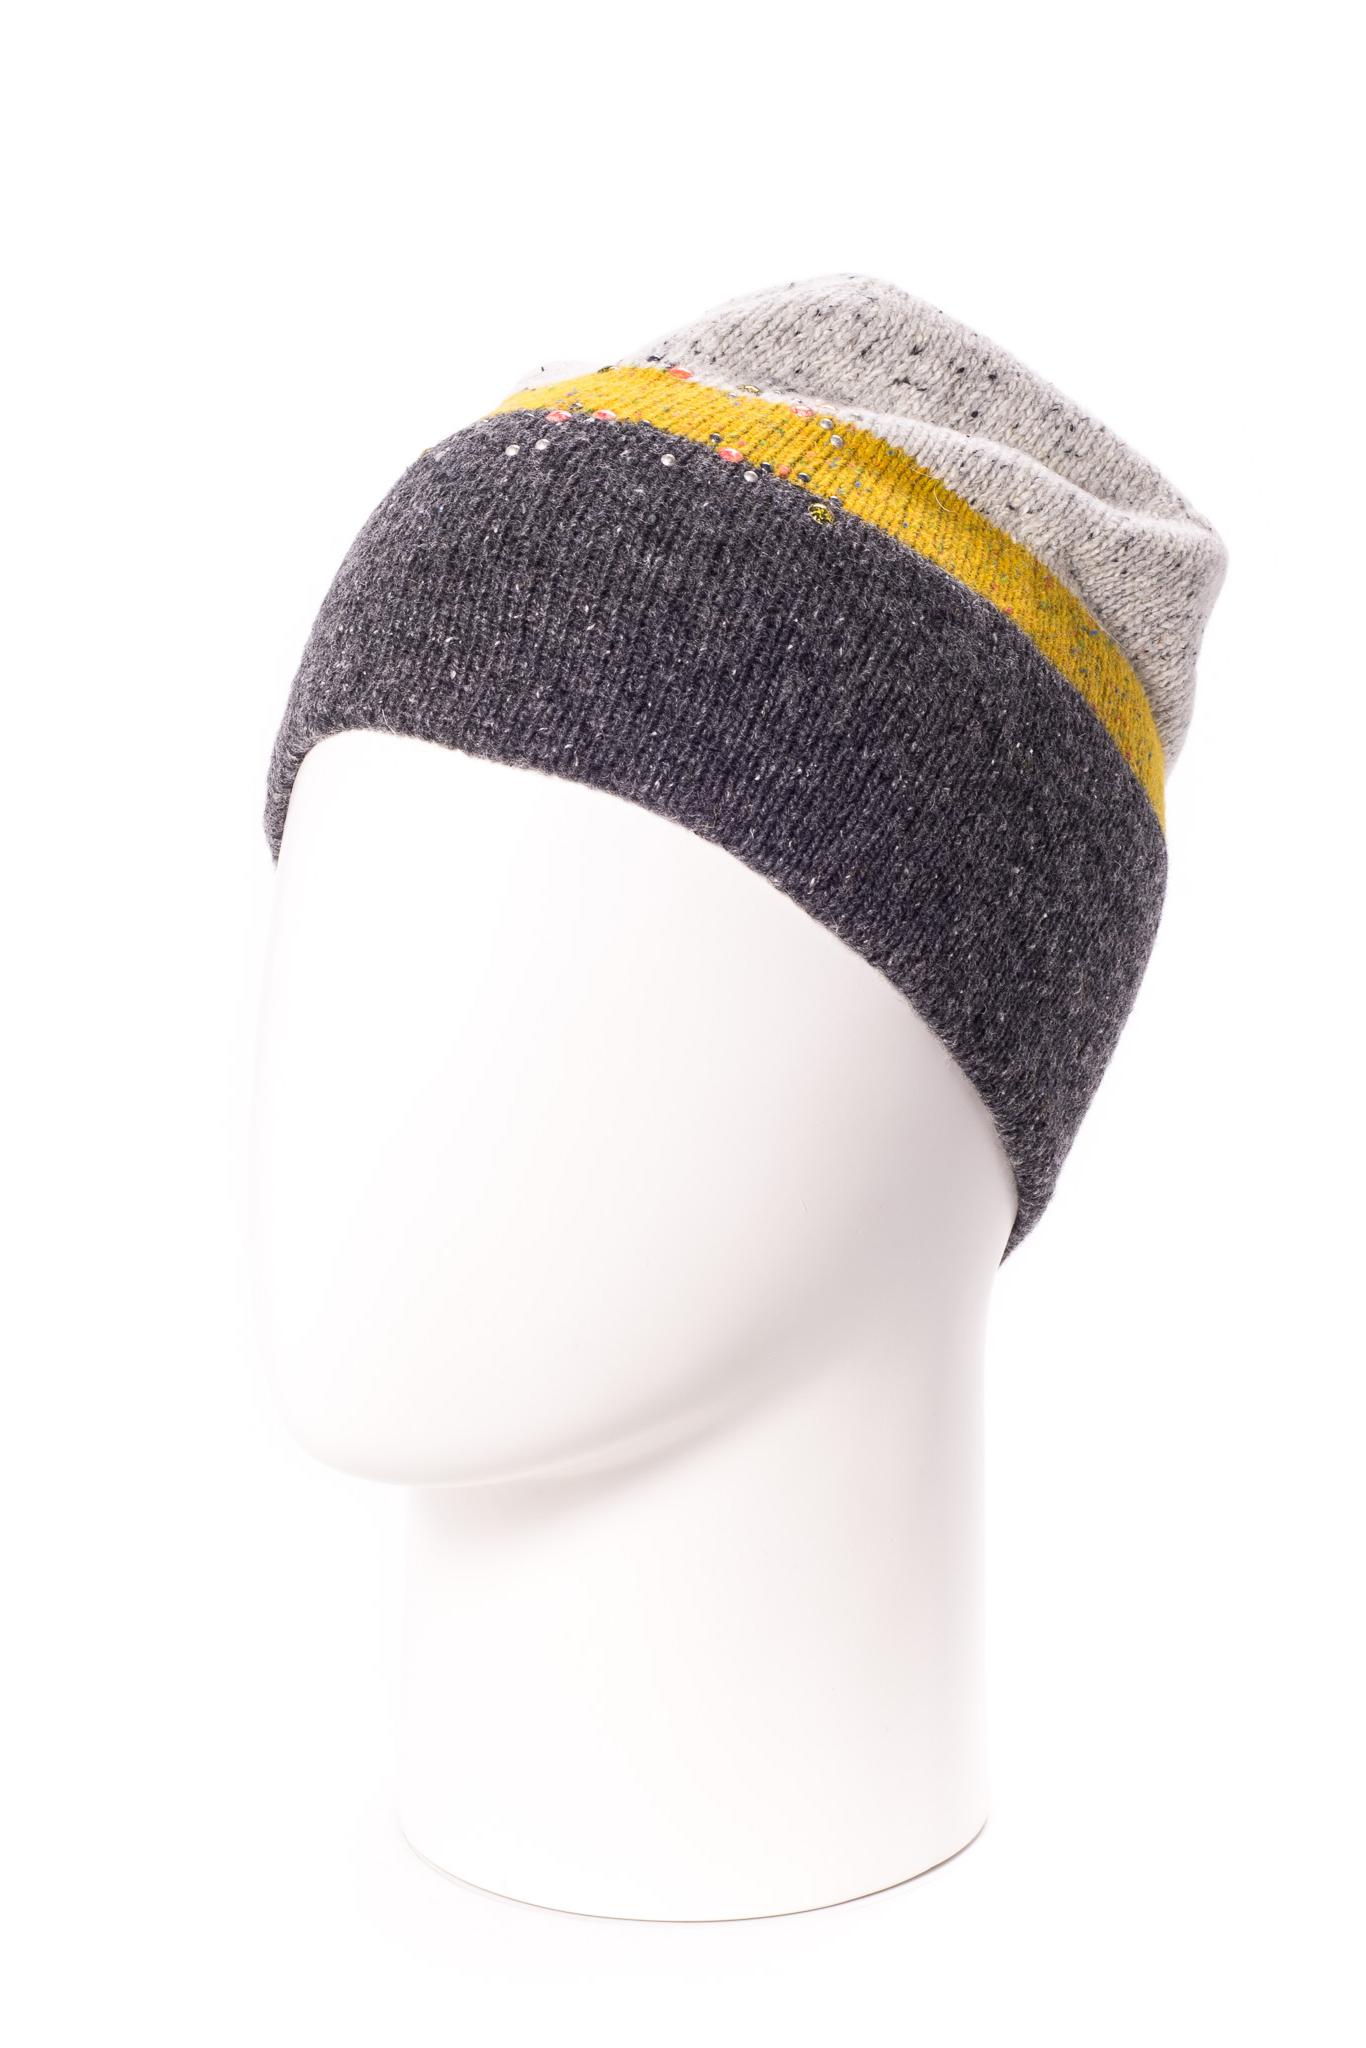 ШапкаШапки<br>Цветная шапка подарит Вам тепло и комфорт.  Стильный аксессуар защитит Вас от непогоды и станет прекрасным дополнением Вашего образа.  В изделии использованы цвета: серый, желтый, молочный<br><br>По материалу: Вязаные,Трикотаж<br>По рисунку: Цветные<br>По сезону: Осень,Весна<br>Размер : universal<br>Материал: Вязаное полотно<br>Количество в наличии: 1